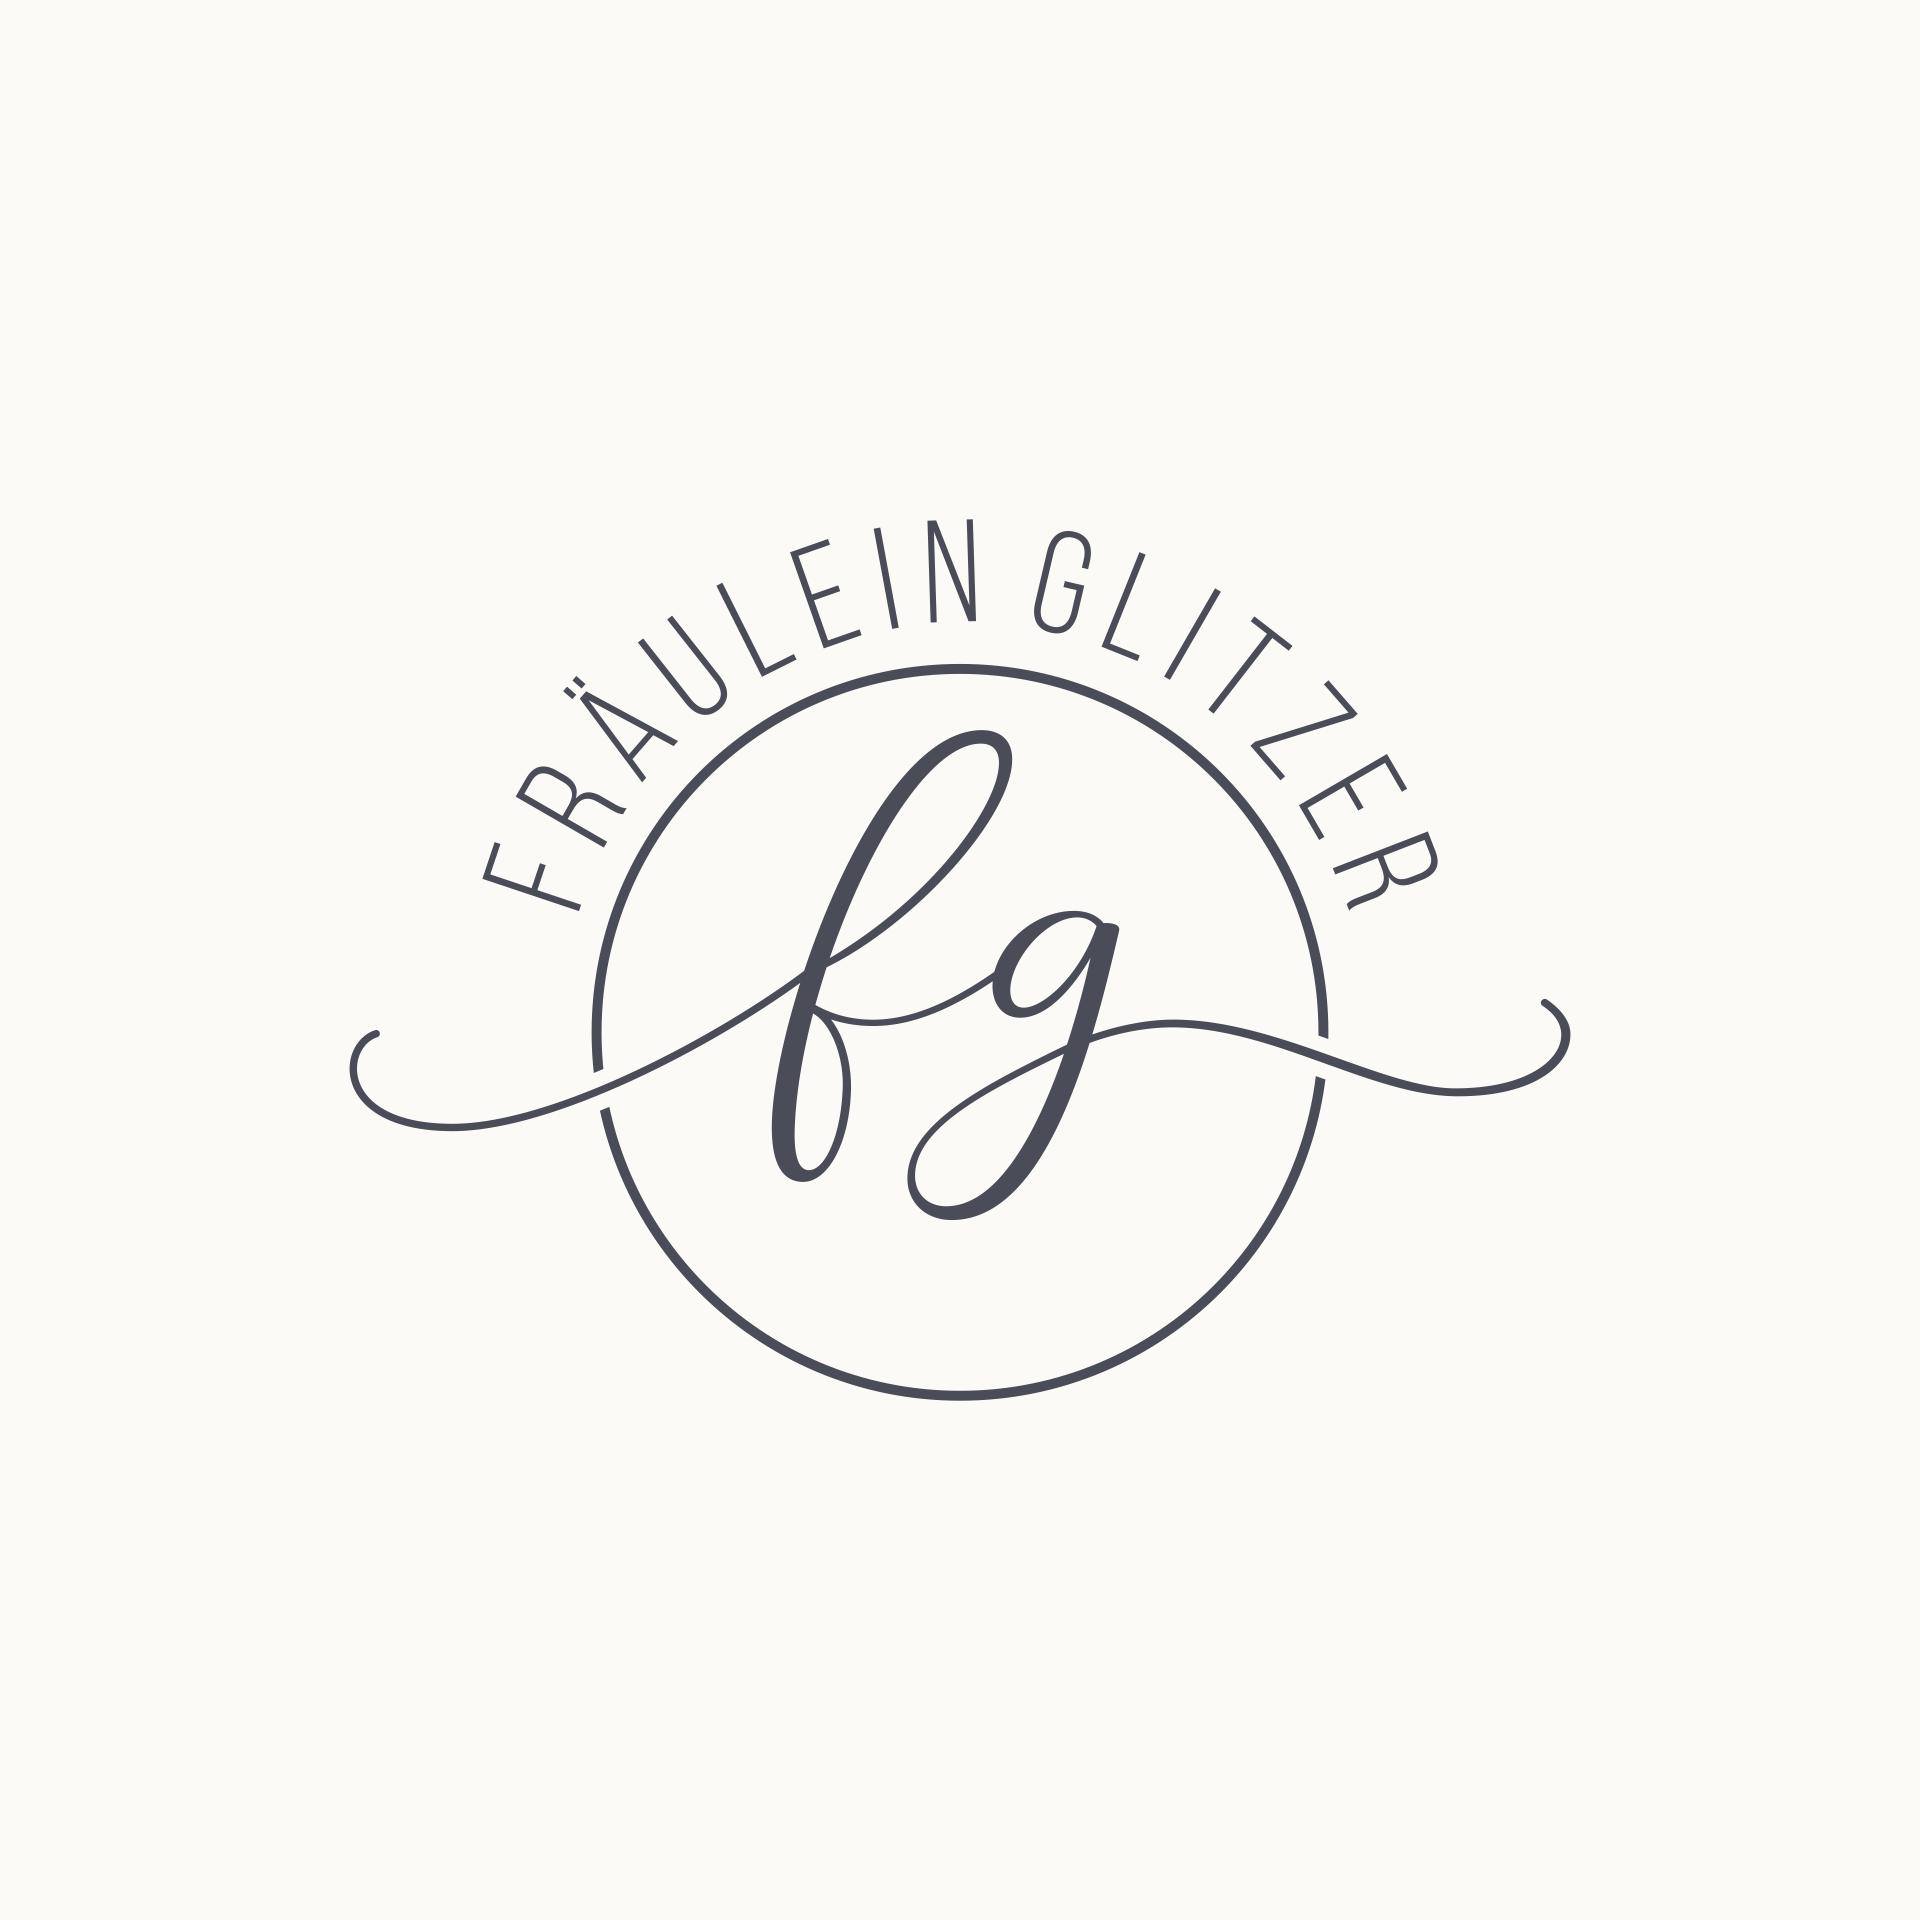 Kinderbetreuung für Events sucht stilvolles und freches Logo